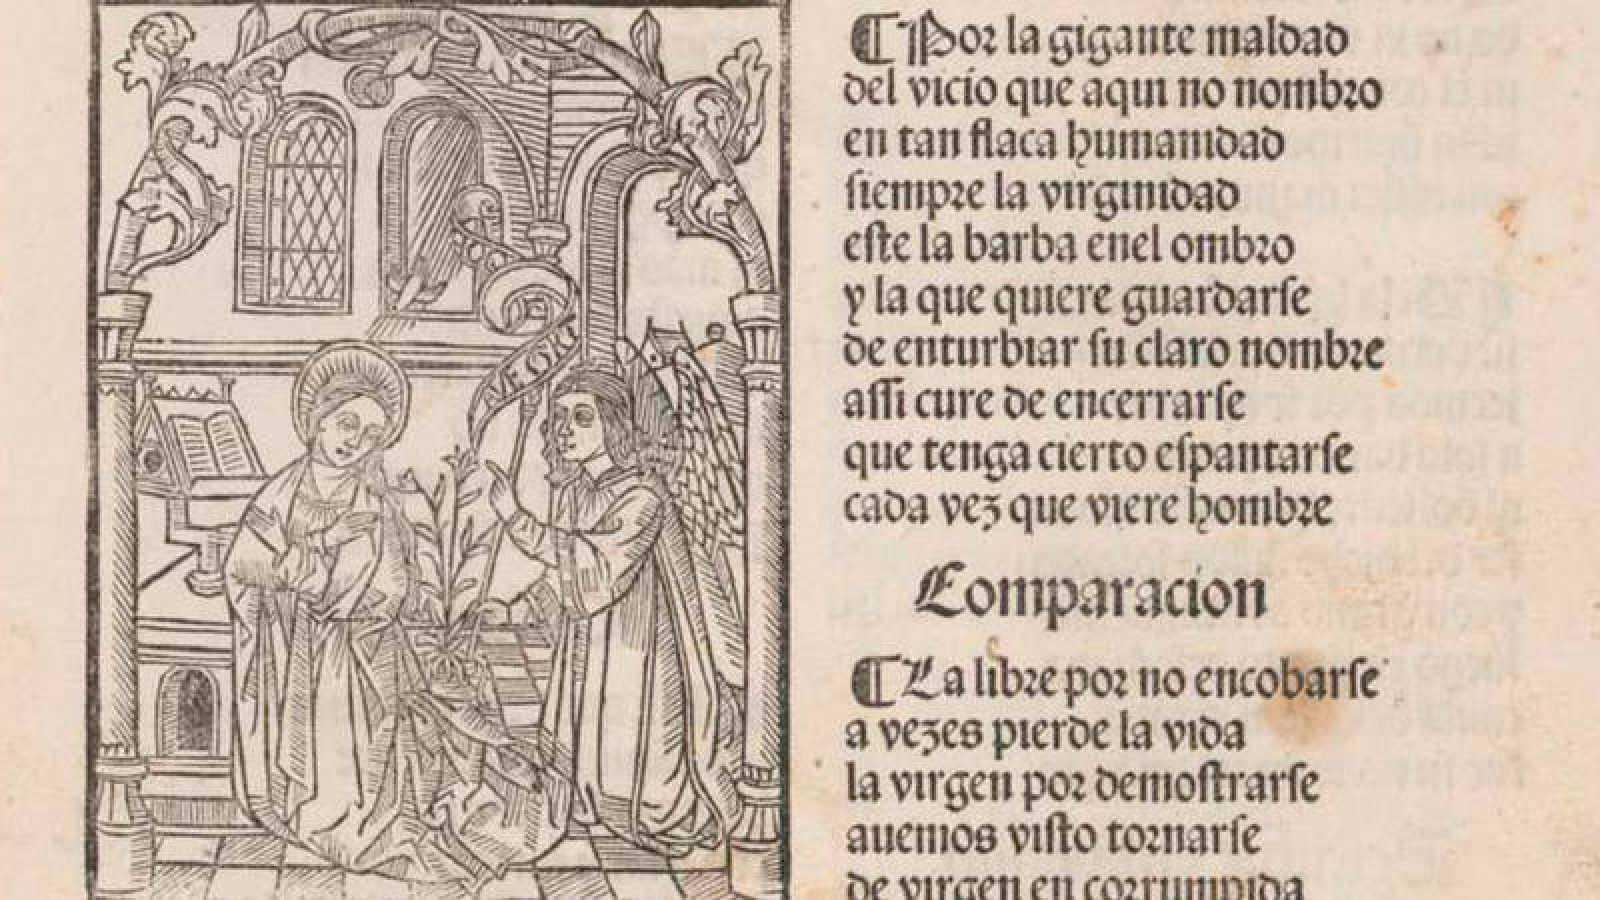 Detalle de una página del 'Cancionero de Zaragoza' de 1492 o la 'Vita Christi' de Íñigo de Mendoza.